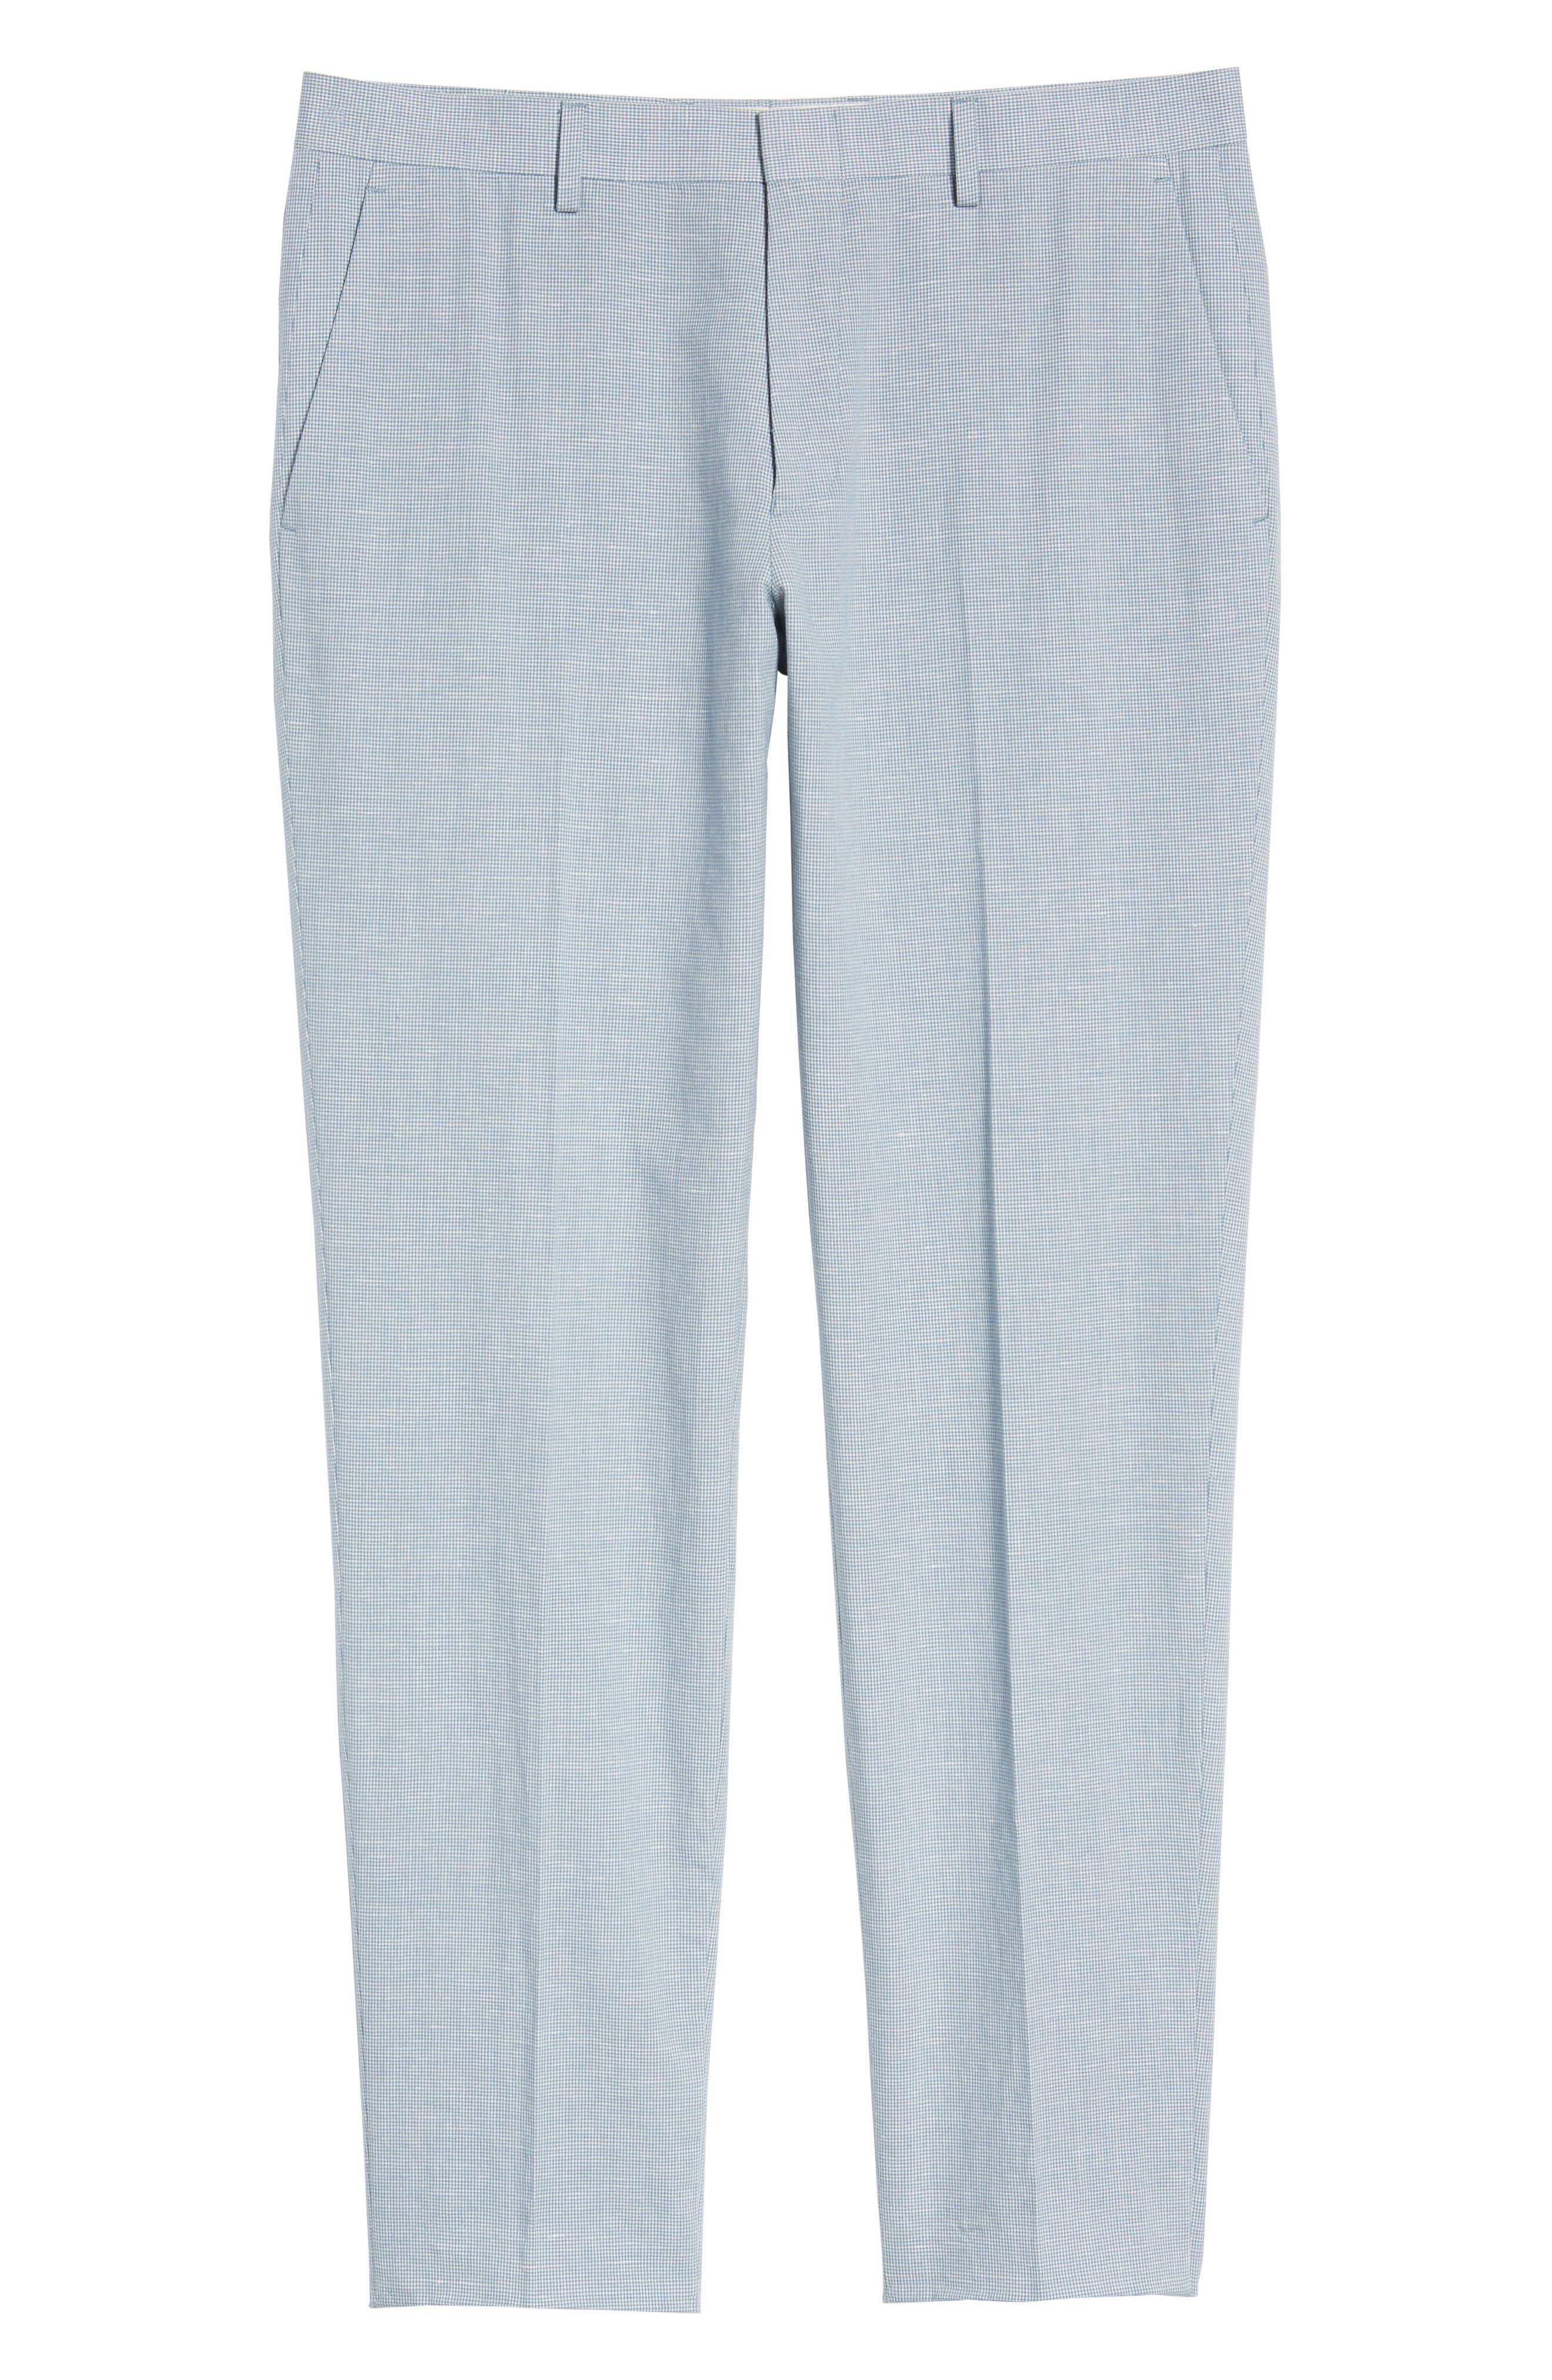 Ludlow Trim Fit Houndstooth Cotton & Linen Suit Pants,                             Alternate thumbnail 6, color,                             Light Blue